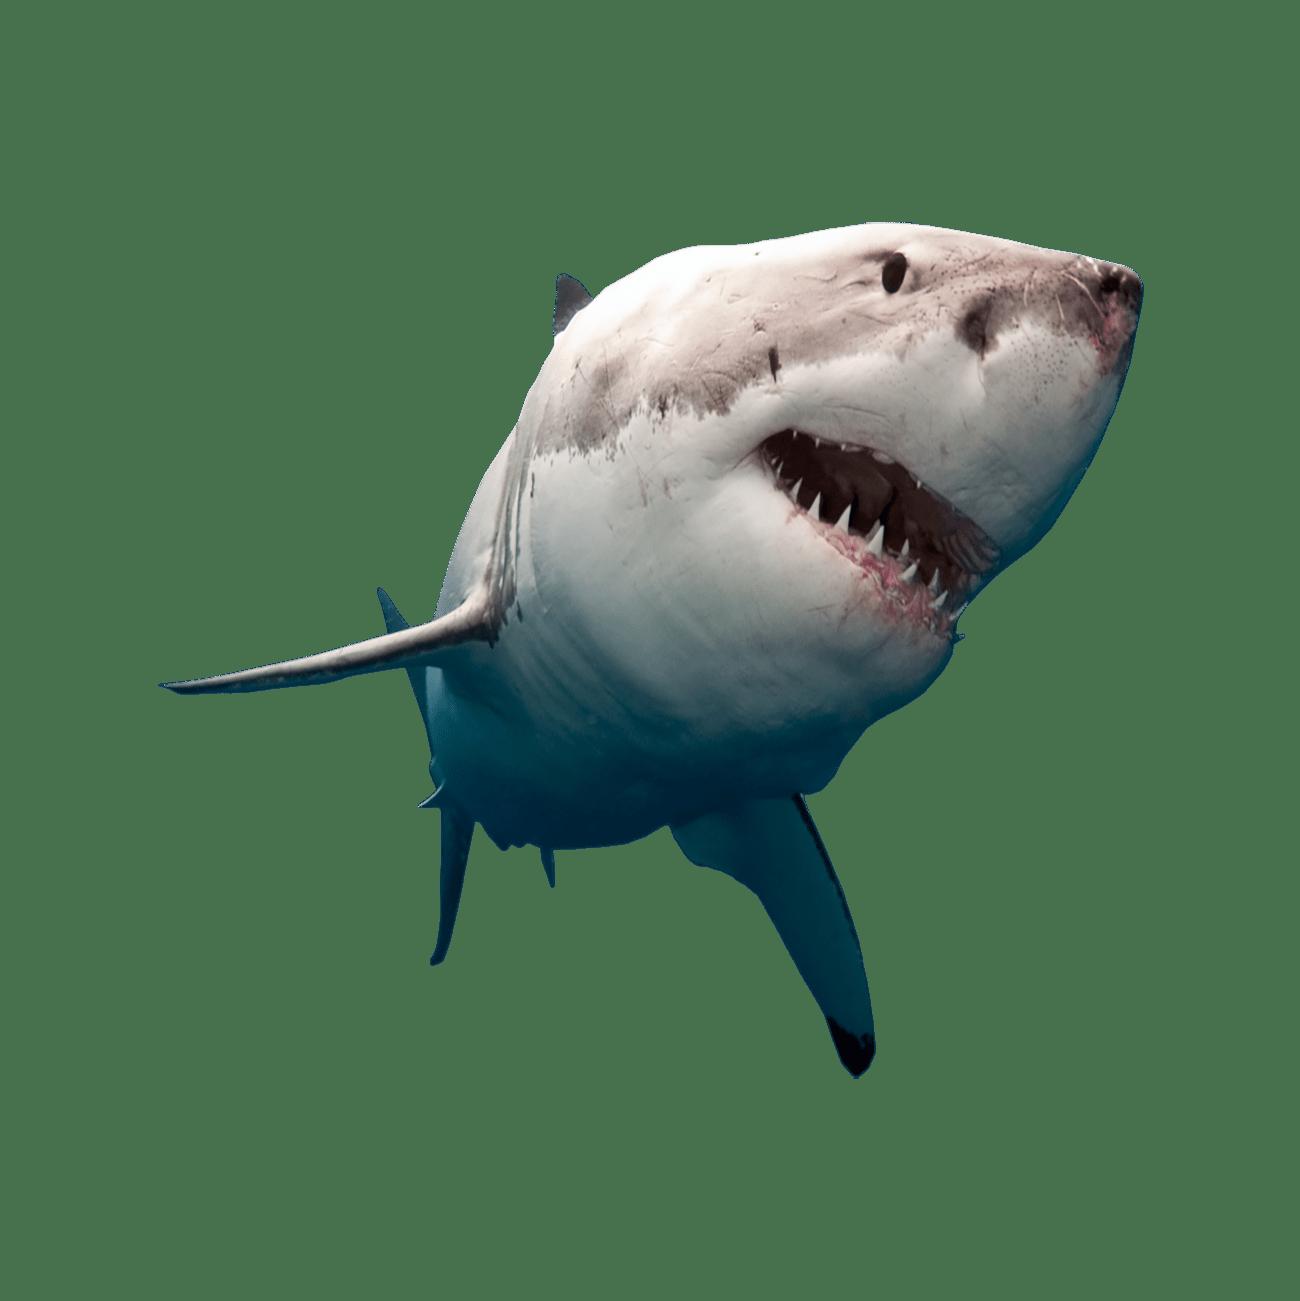 Shark Transparent Photo